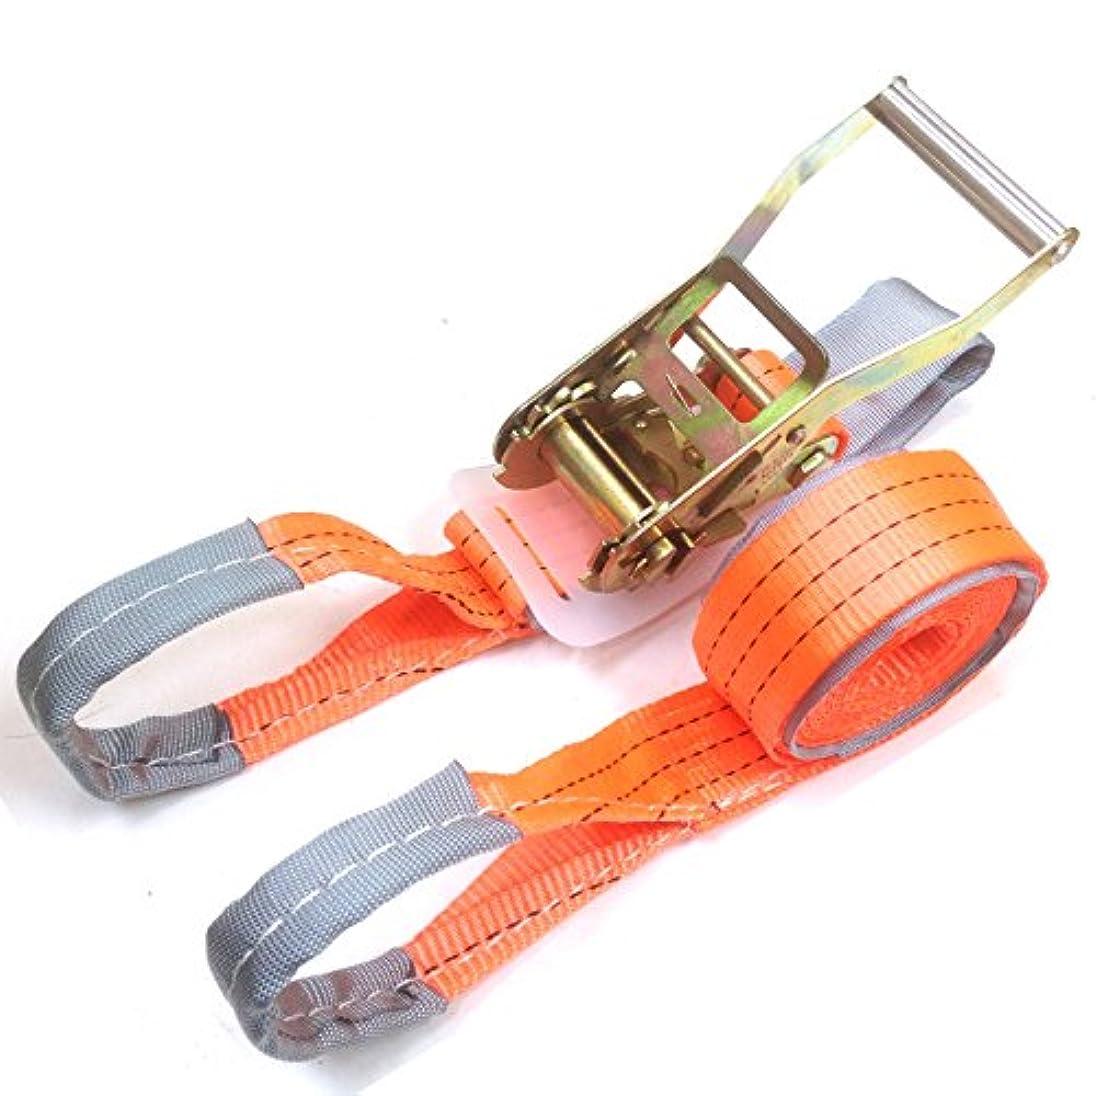 鼓舞する深さ狂気ラチェット式ラッシングベルト ワッカ 固定側1m 巻側5m 破断荷重2.0ton ベルト幅50mm 高品質よろこび価格